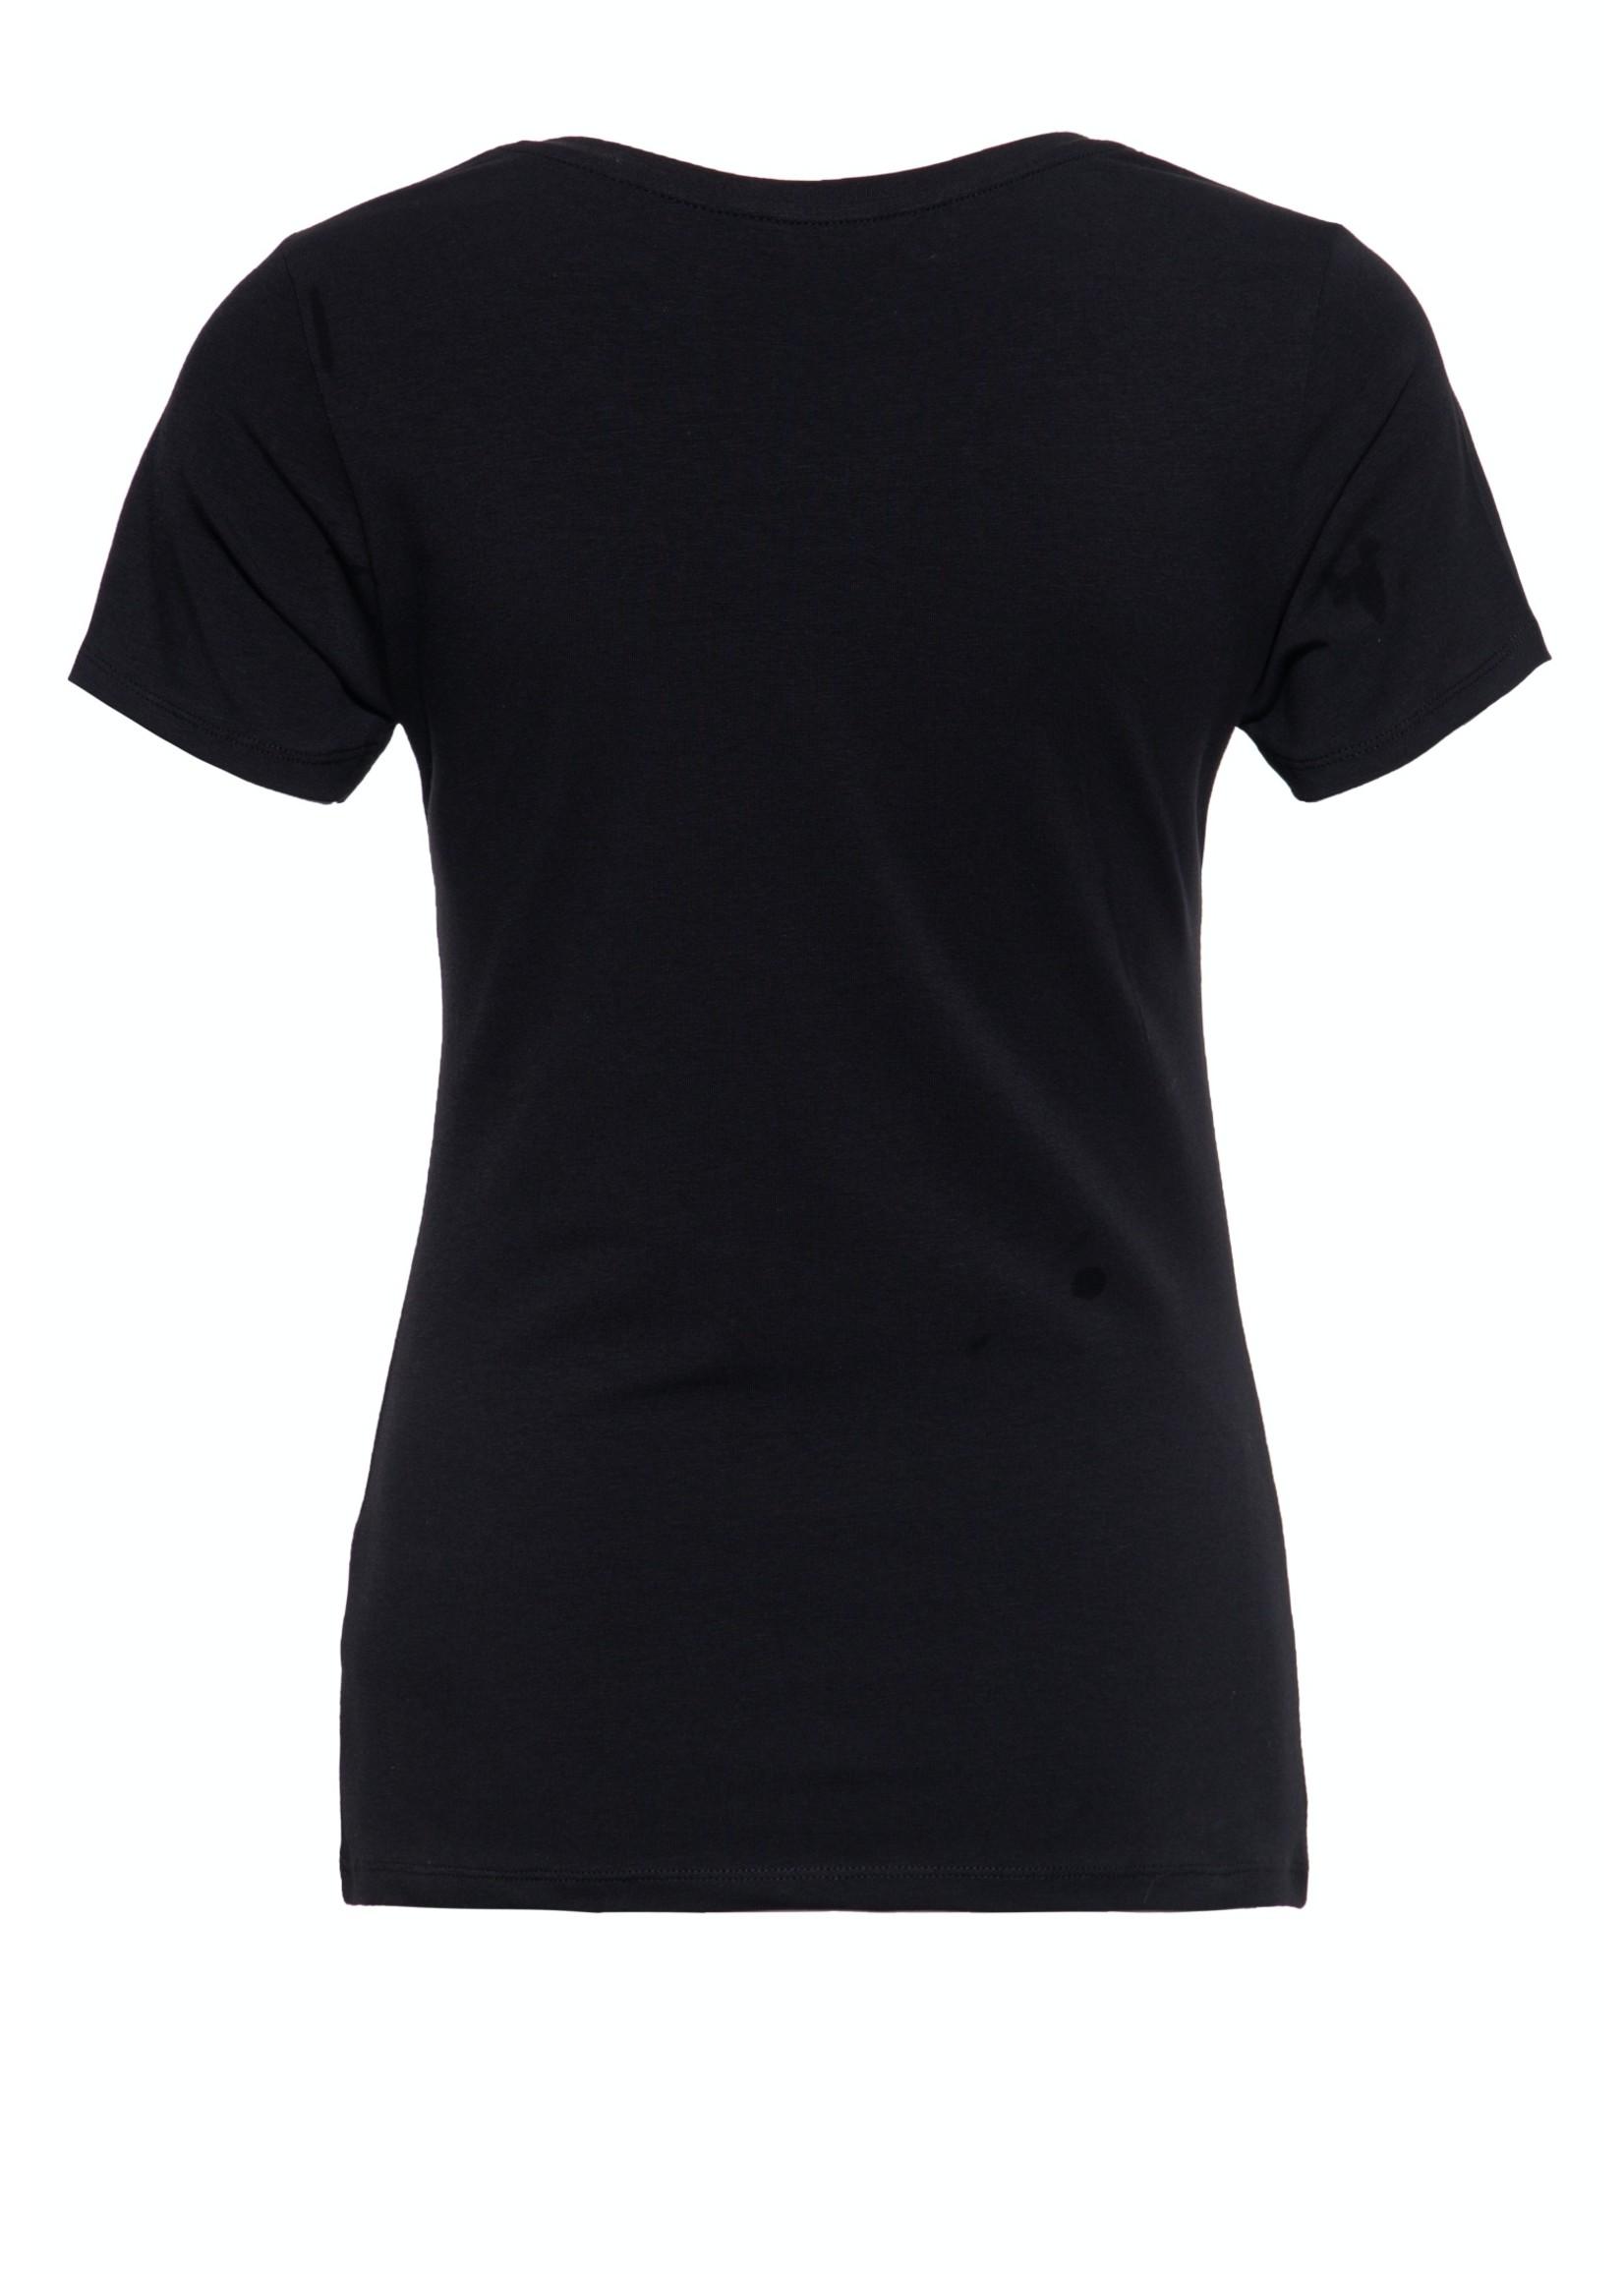 Queen Kerosin Queen Kerosin T-Shirt Street Prayer in Black